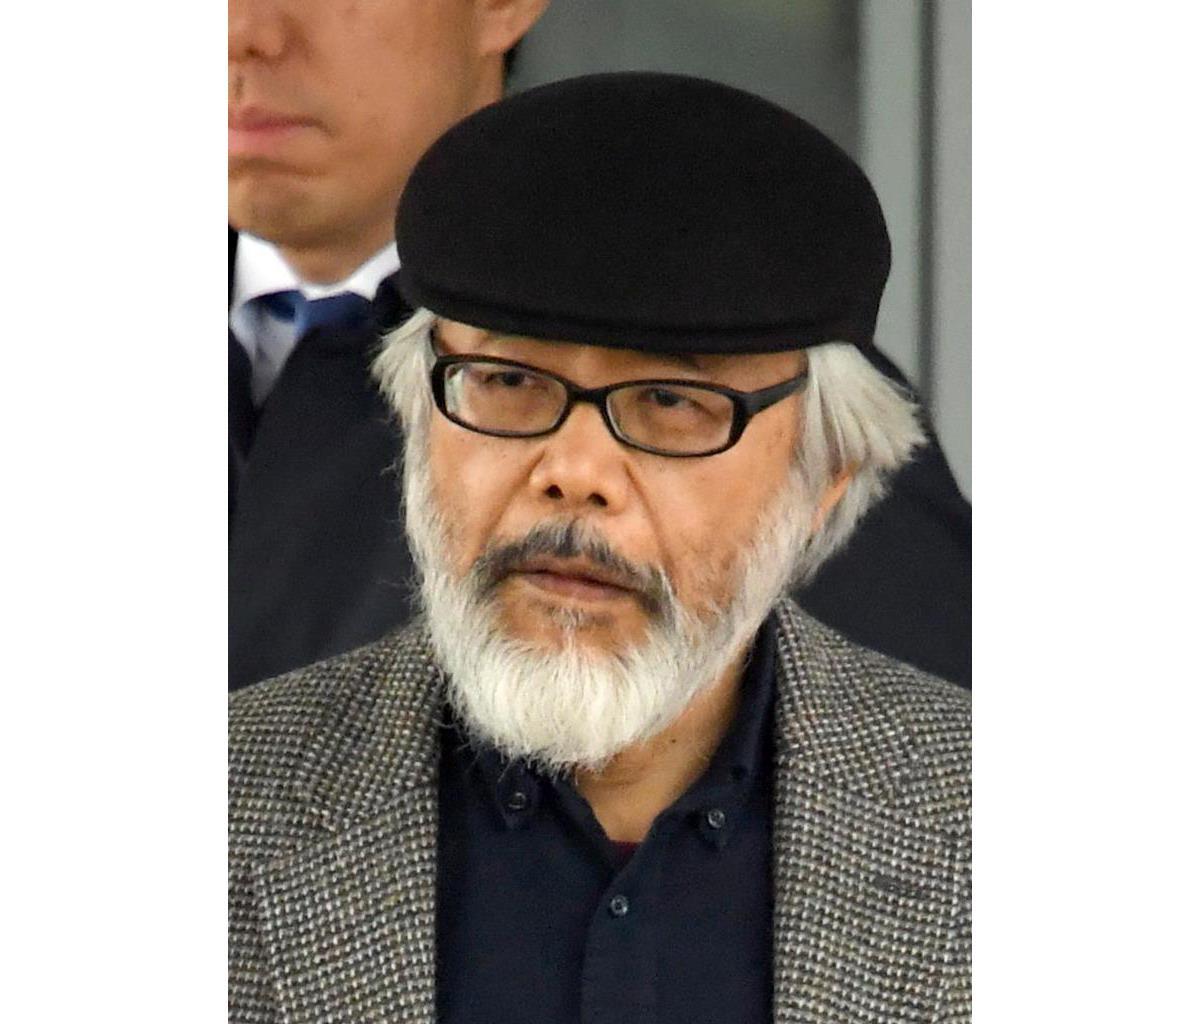 afr2002210036-p1_高野隆弁護士(川口良介撮影)